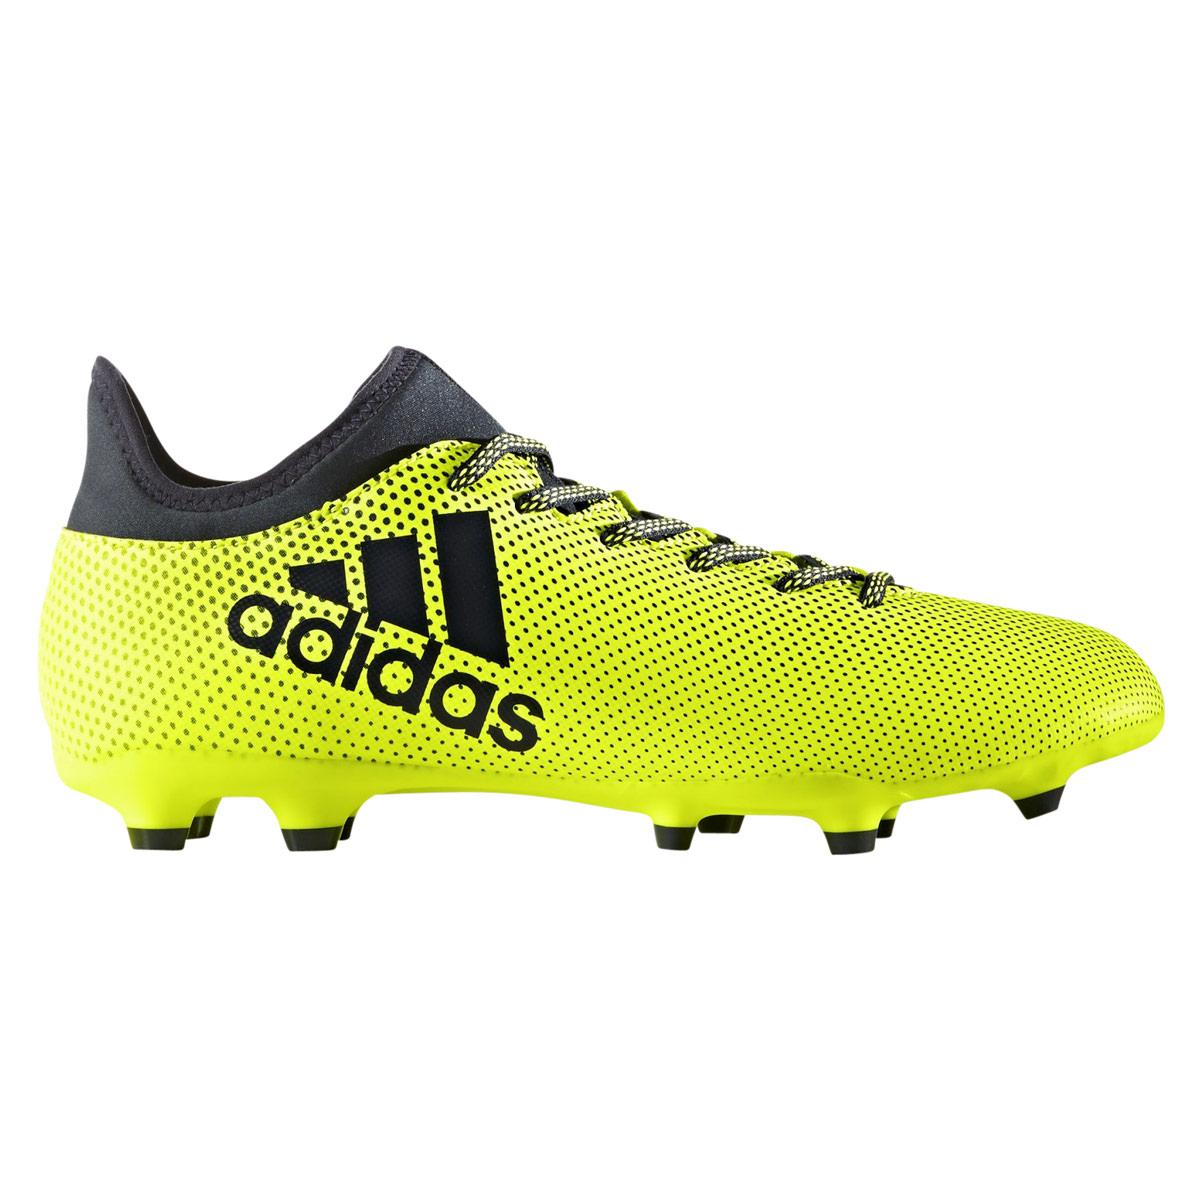 purchase cheap 524fc bfeac adidas X 17.3 Fg - Chaussures de foot pour Homme - Jaune  21